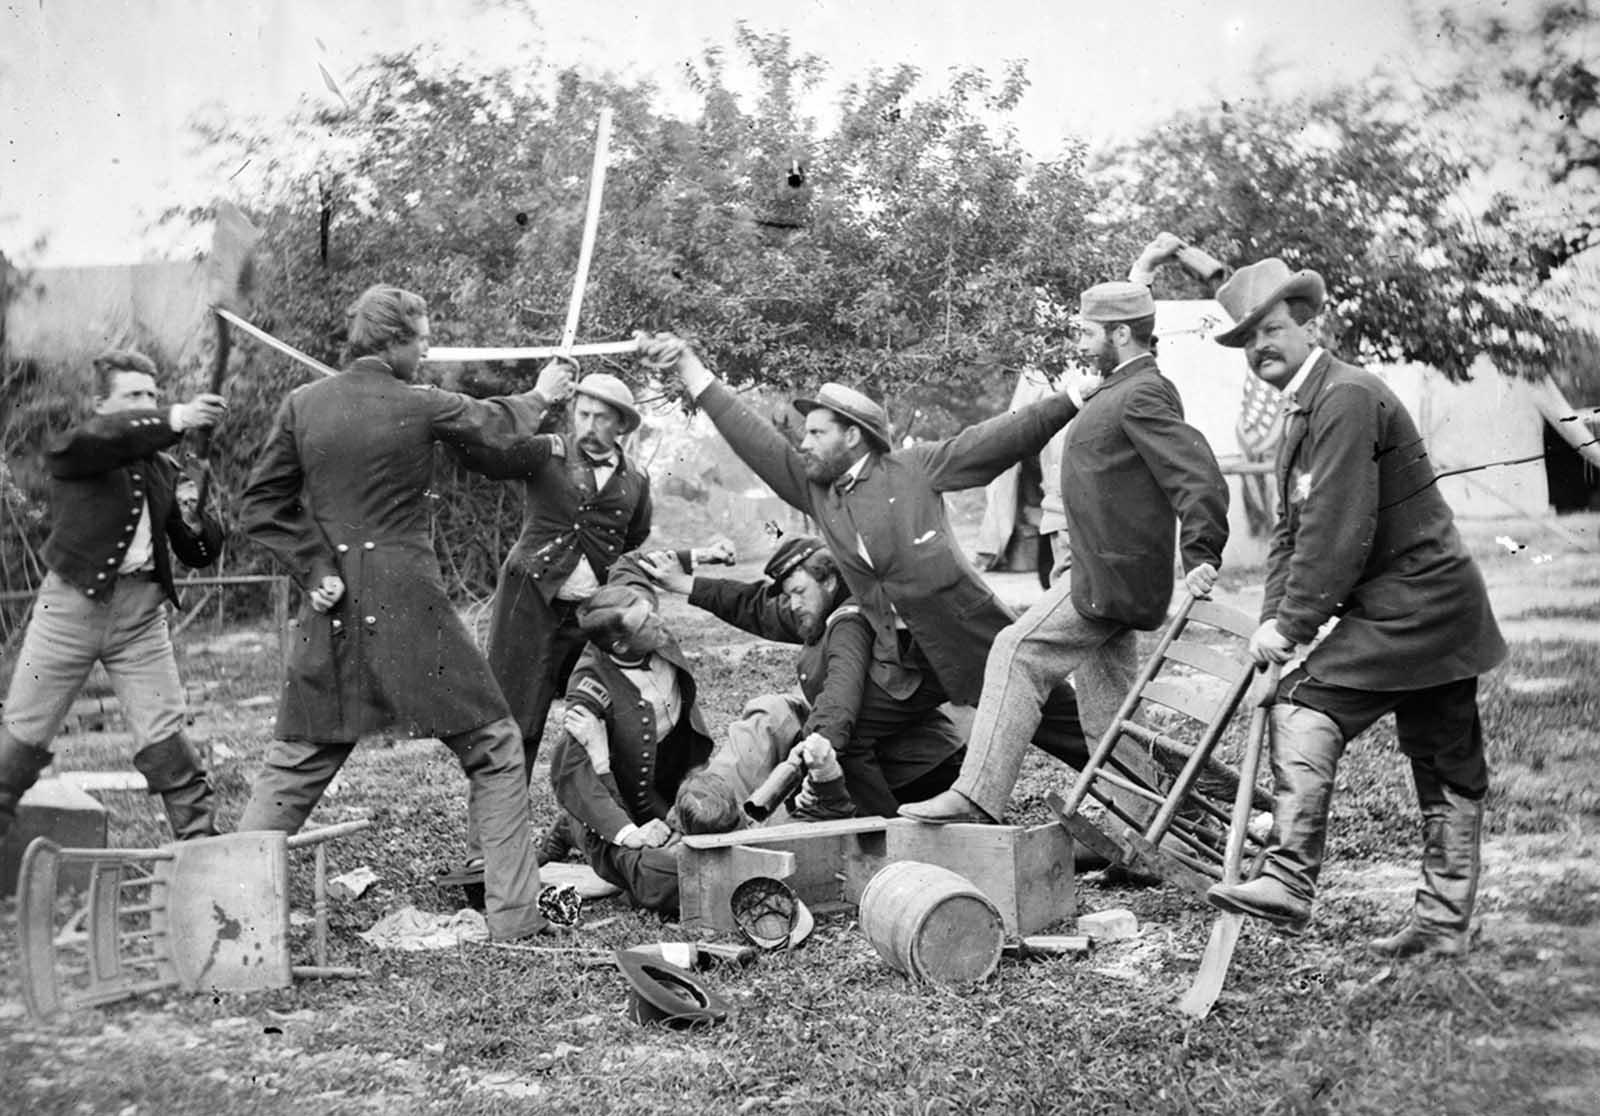 La guerra civil americana en imágenes (parte 3), 1861-1865